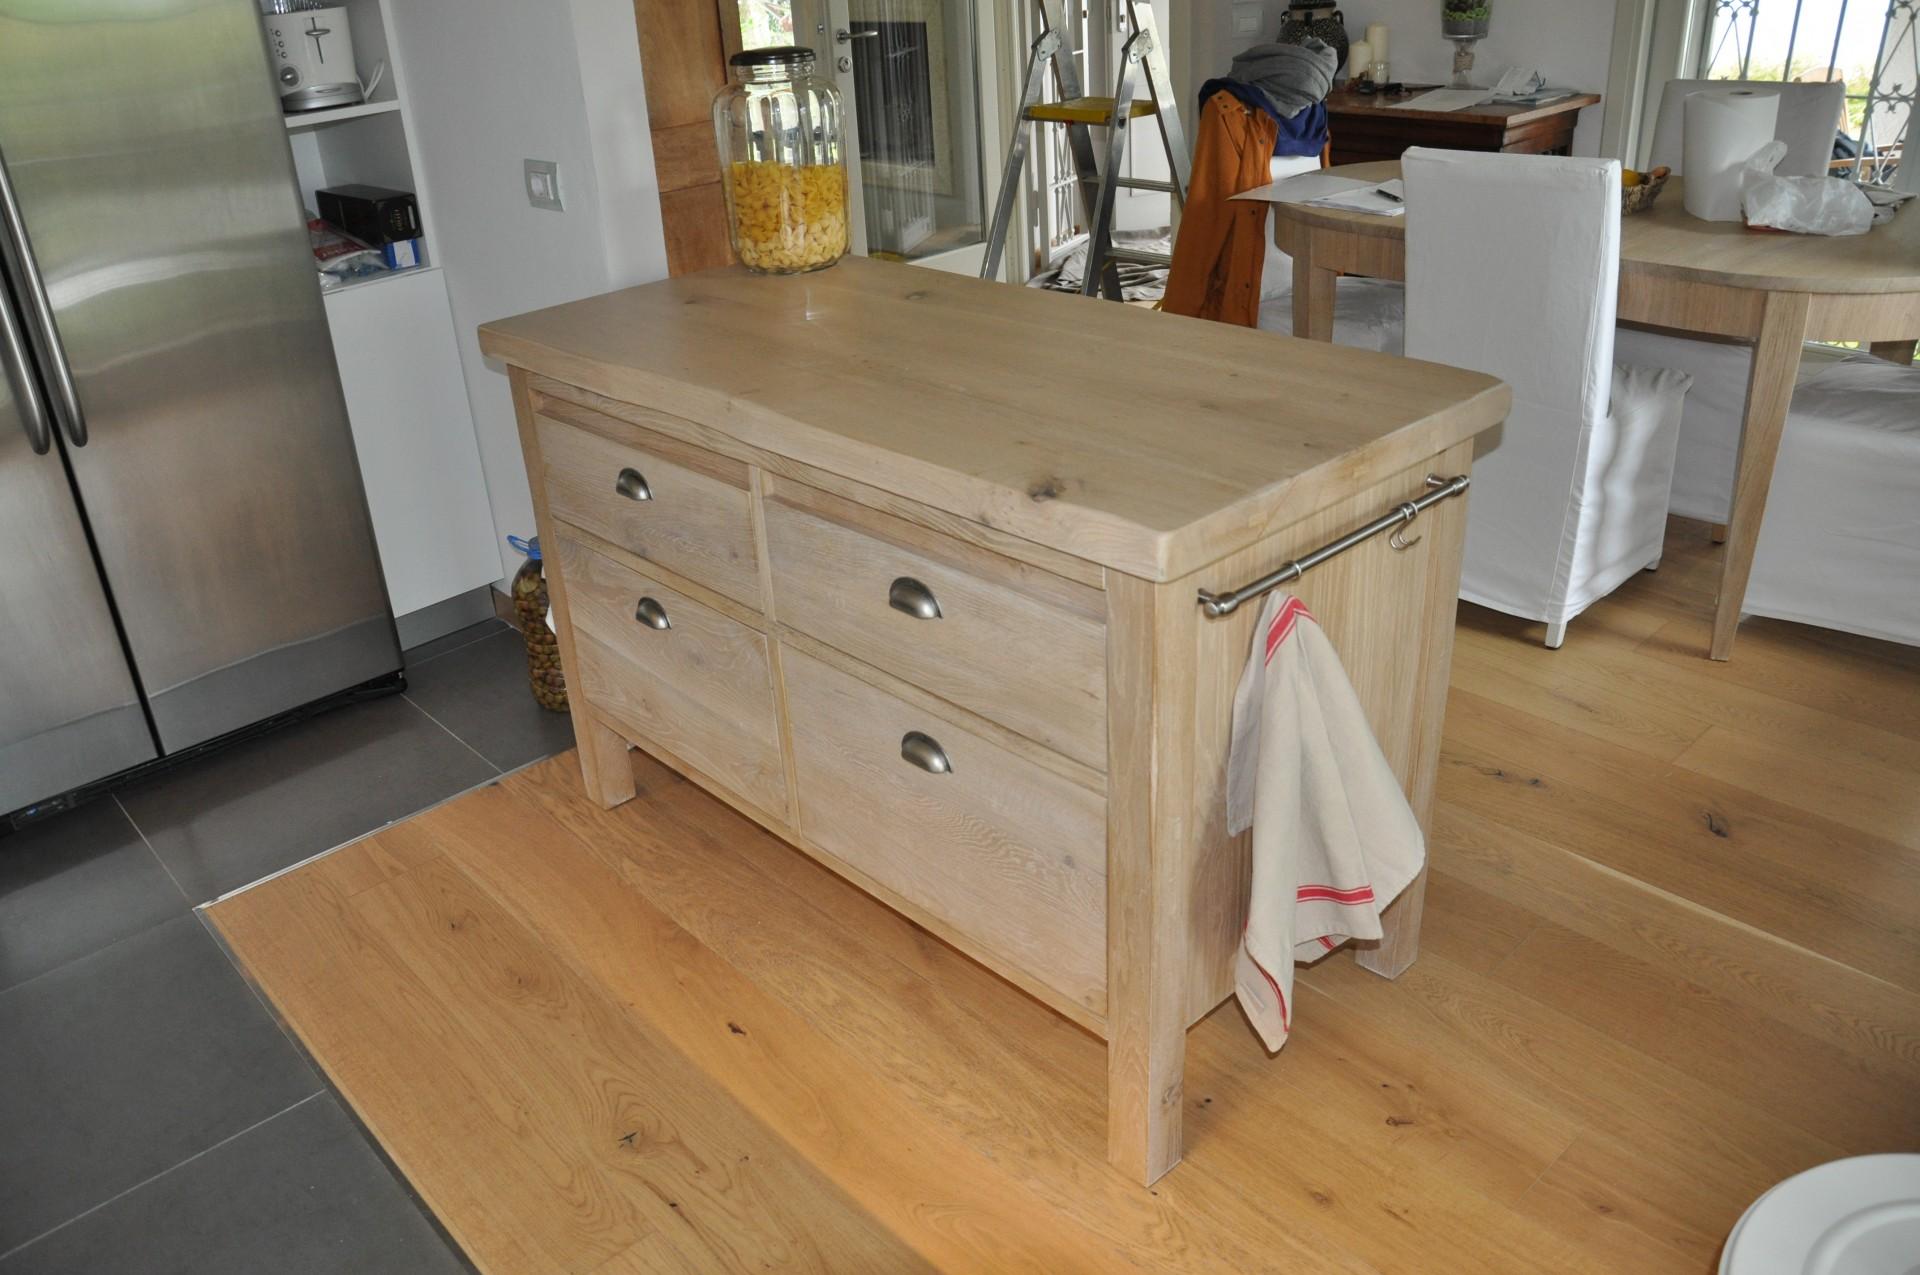 Banconi e isole per cucina fadini mobili cerea verona - Pulire mobili legno cucina ...